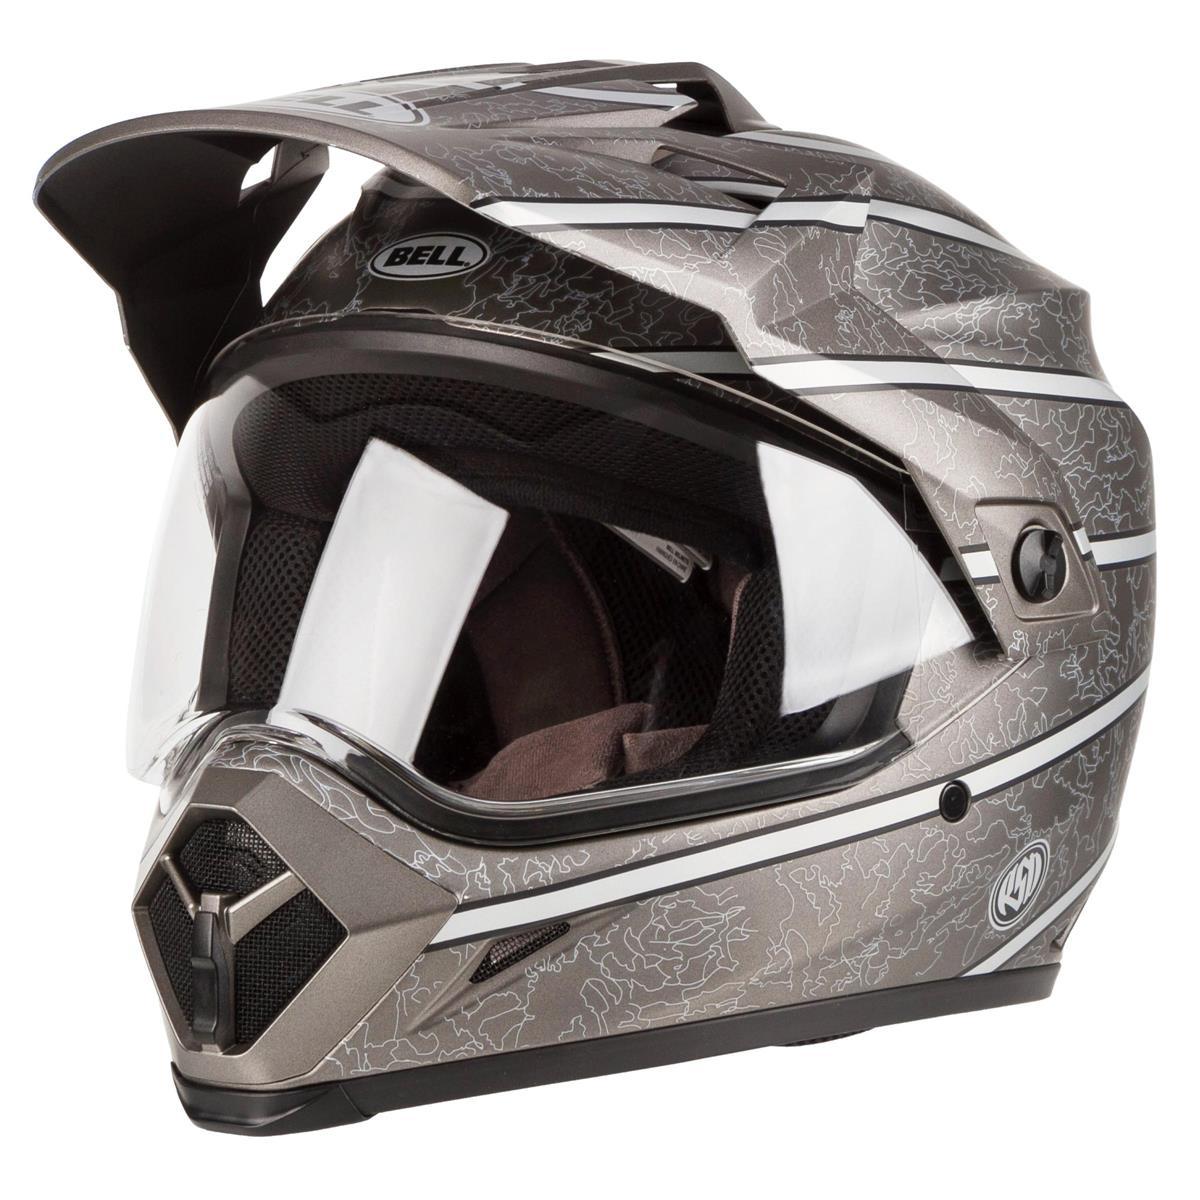 Bell Helm MX-9 Adventure Mips Titan